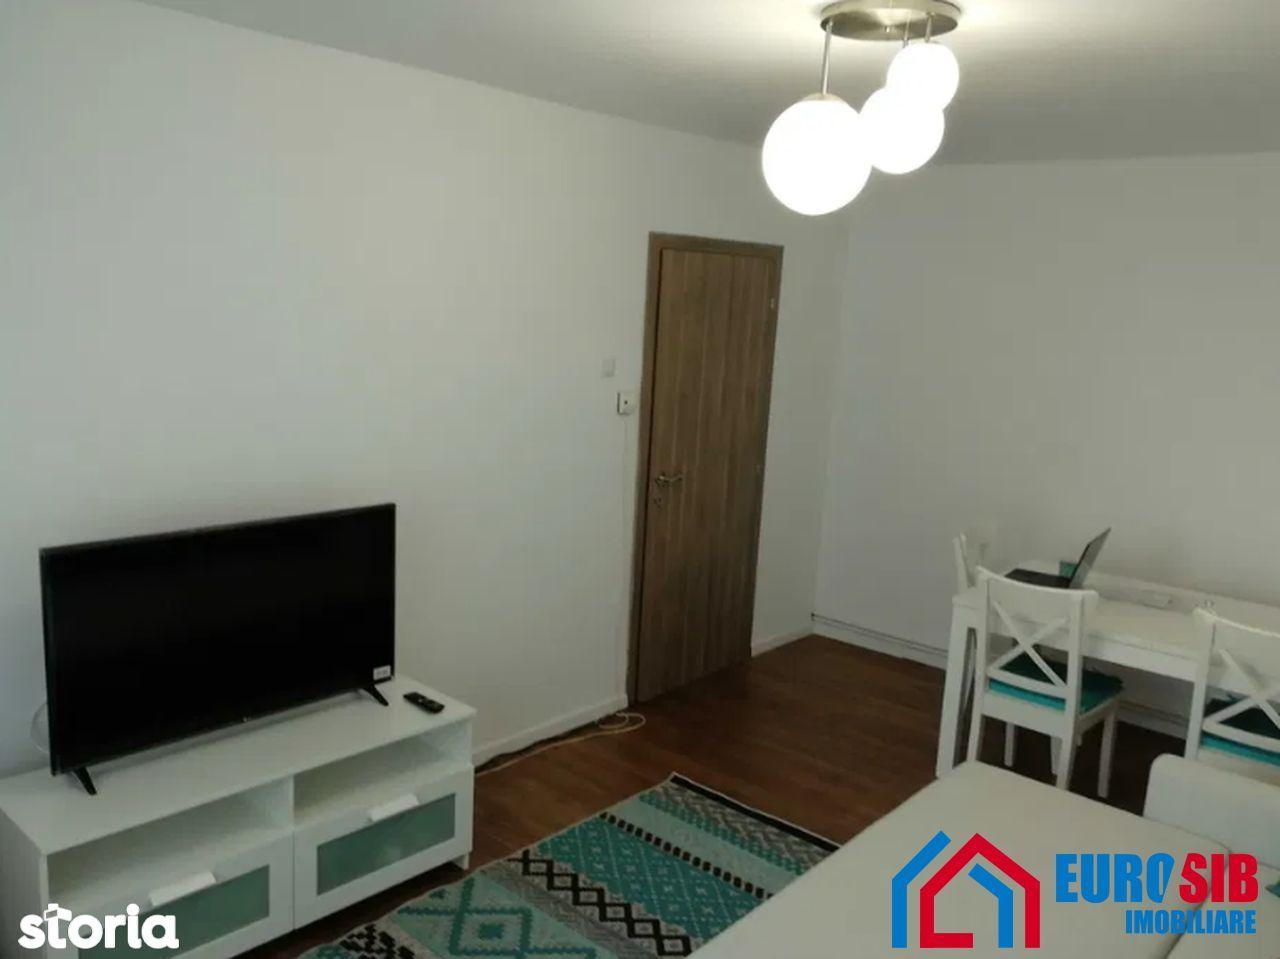 Apartament cu 3 camere decomandat de închiriat în Sibiu zona Valea